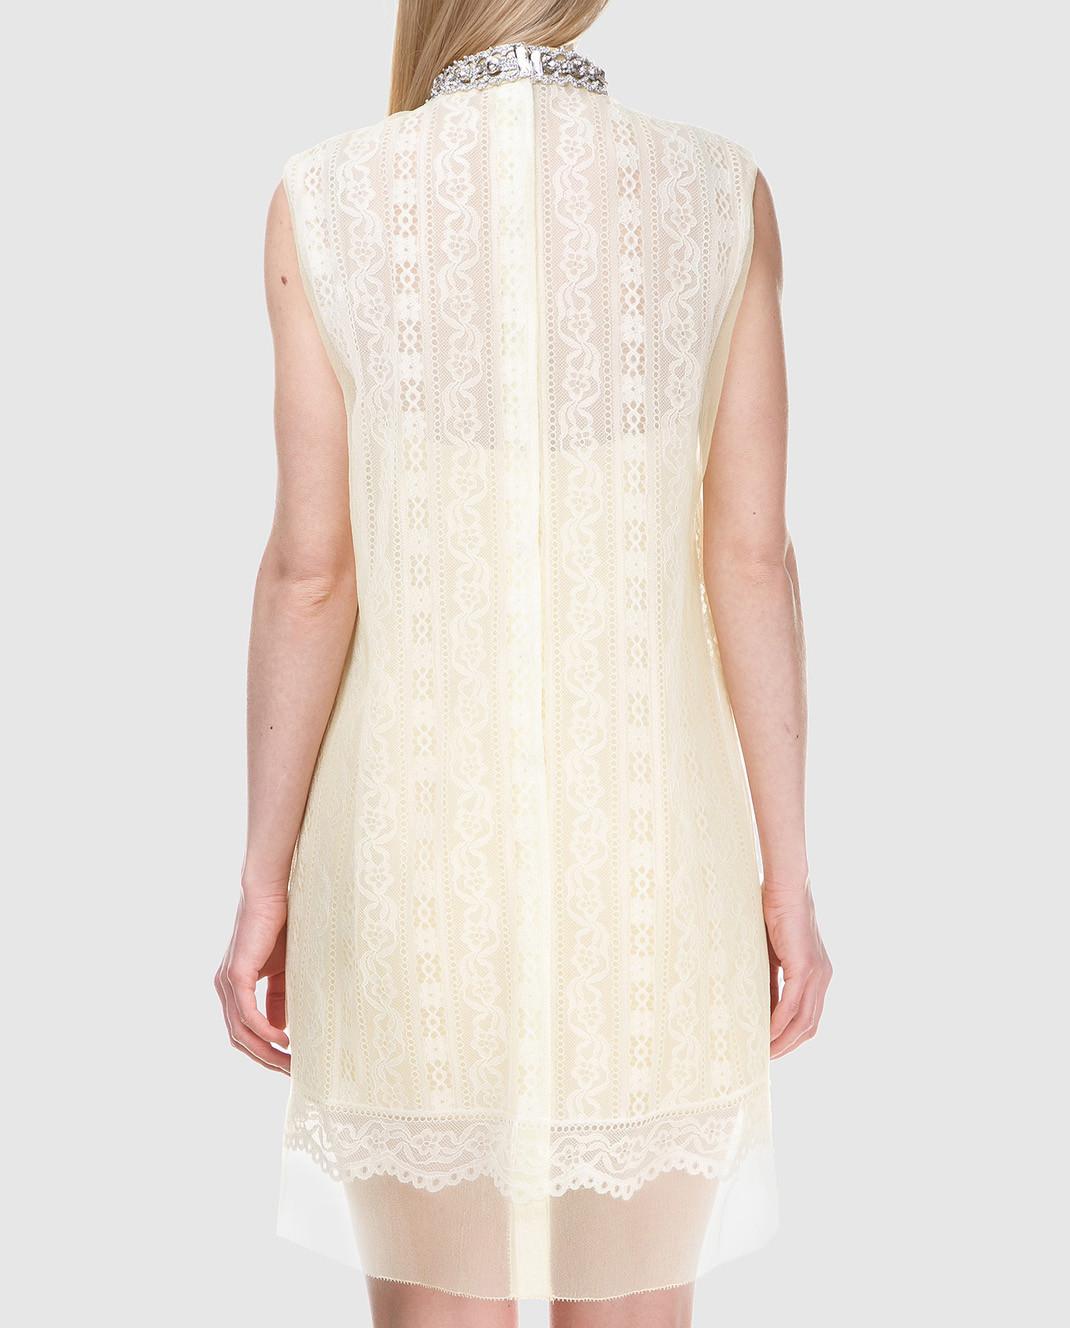 Marc Jacobs Желтое платье с кружевом M4007191 изображение 3